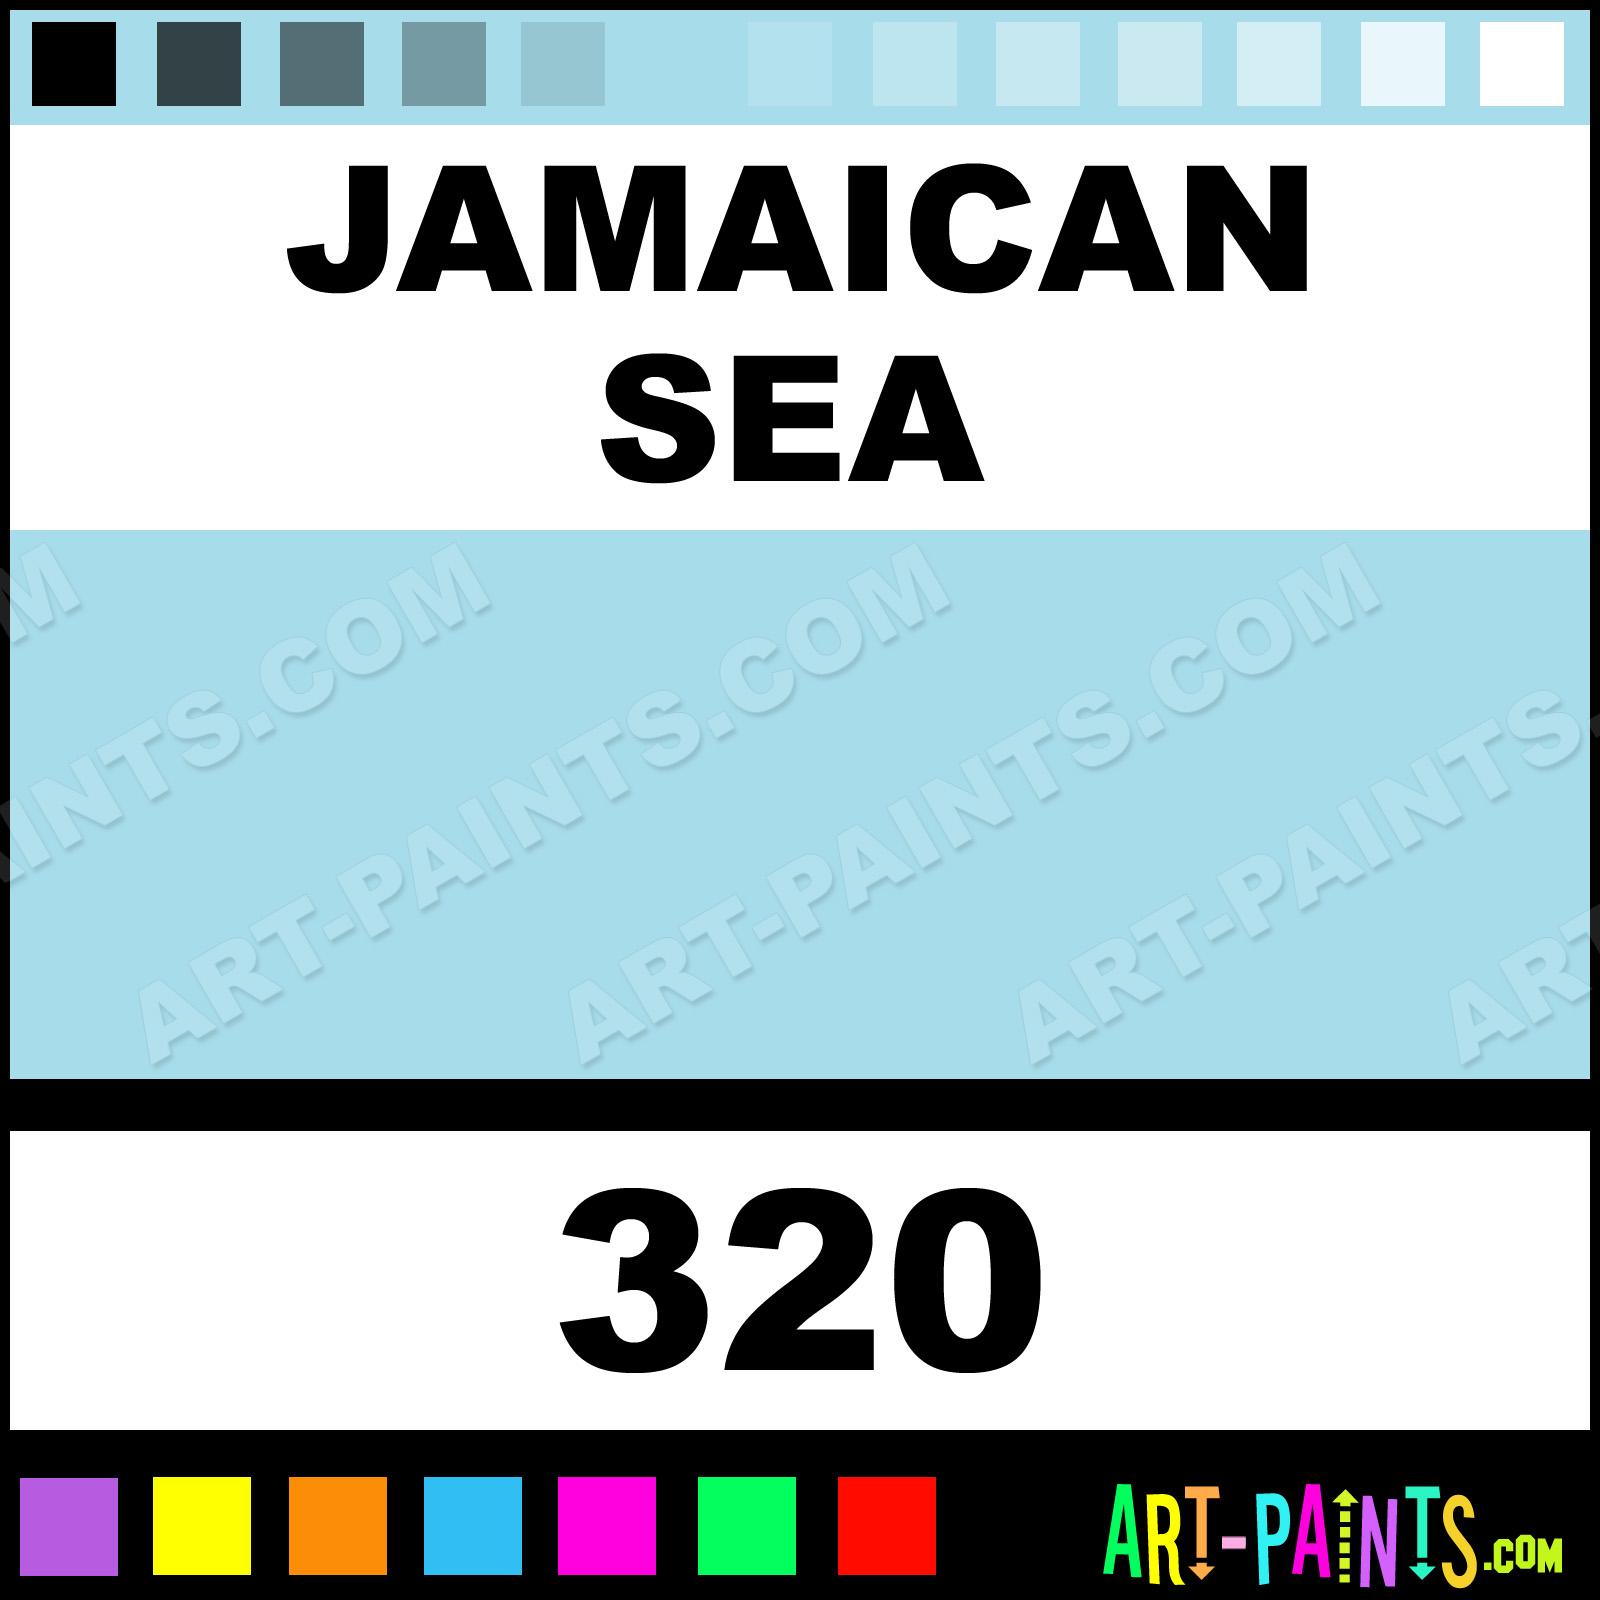 Folk art color chart acrylic paint - Jamaican Sea Jamaican Sea Paint